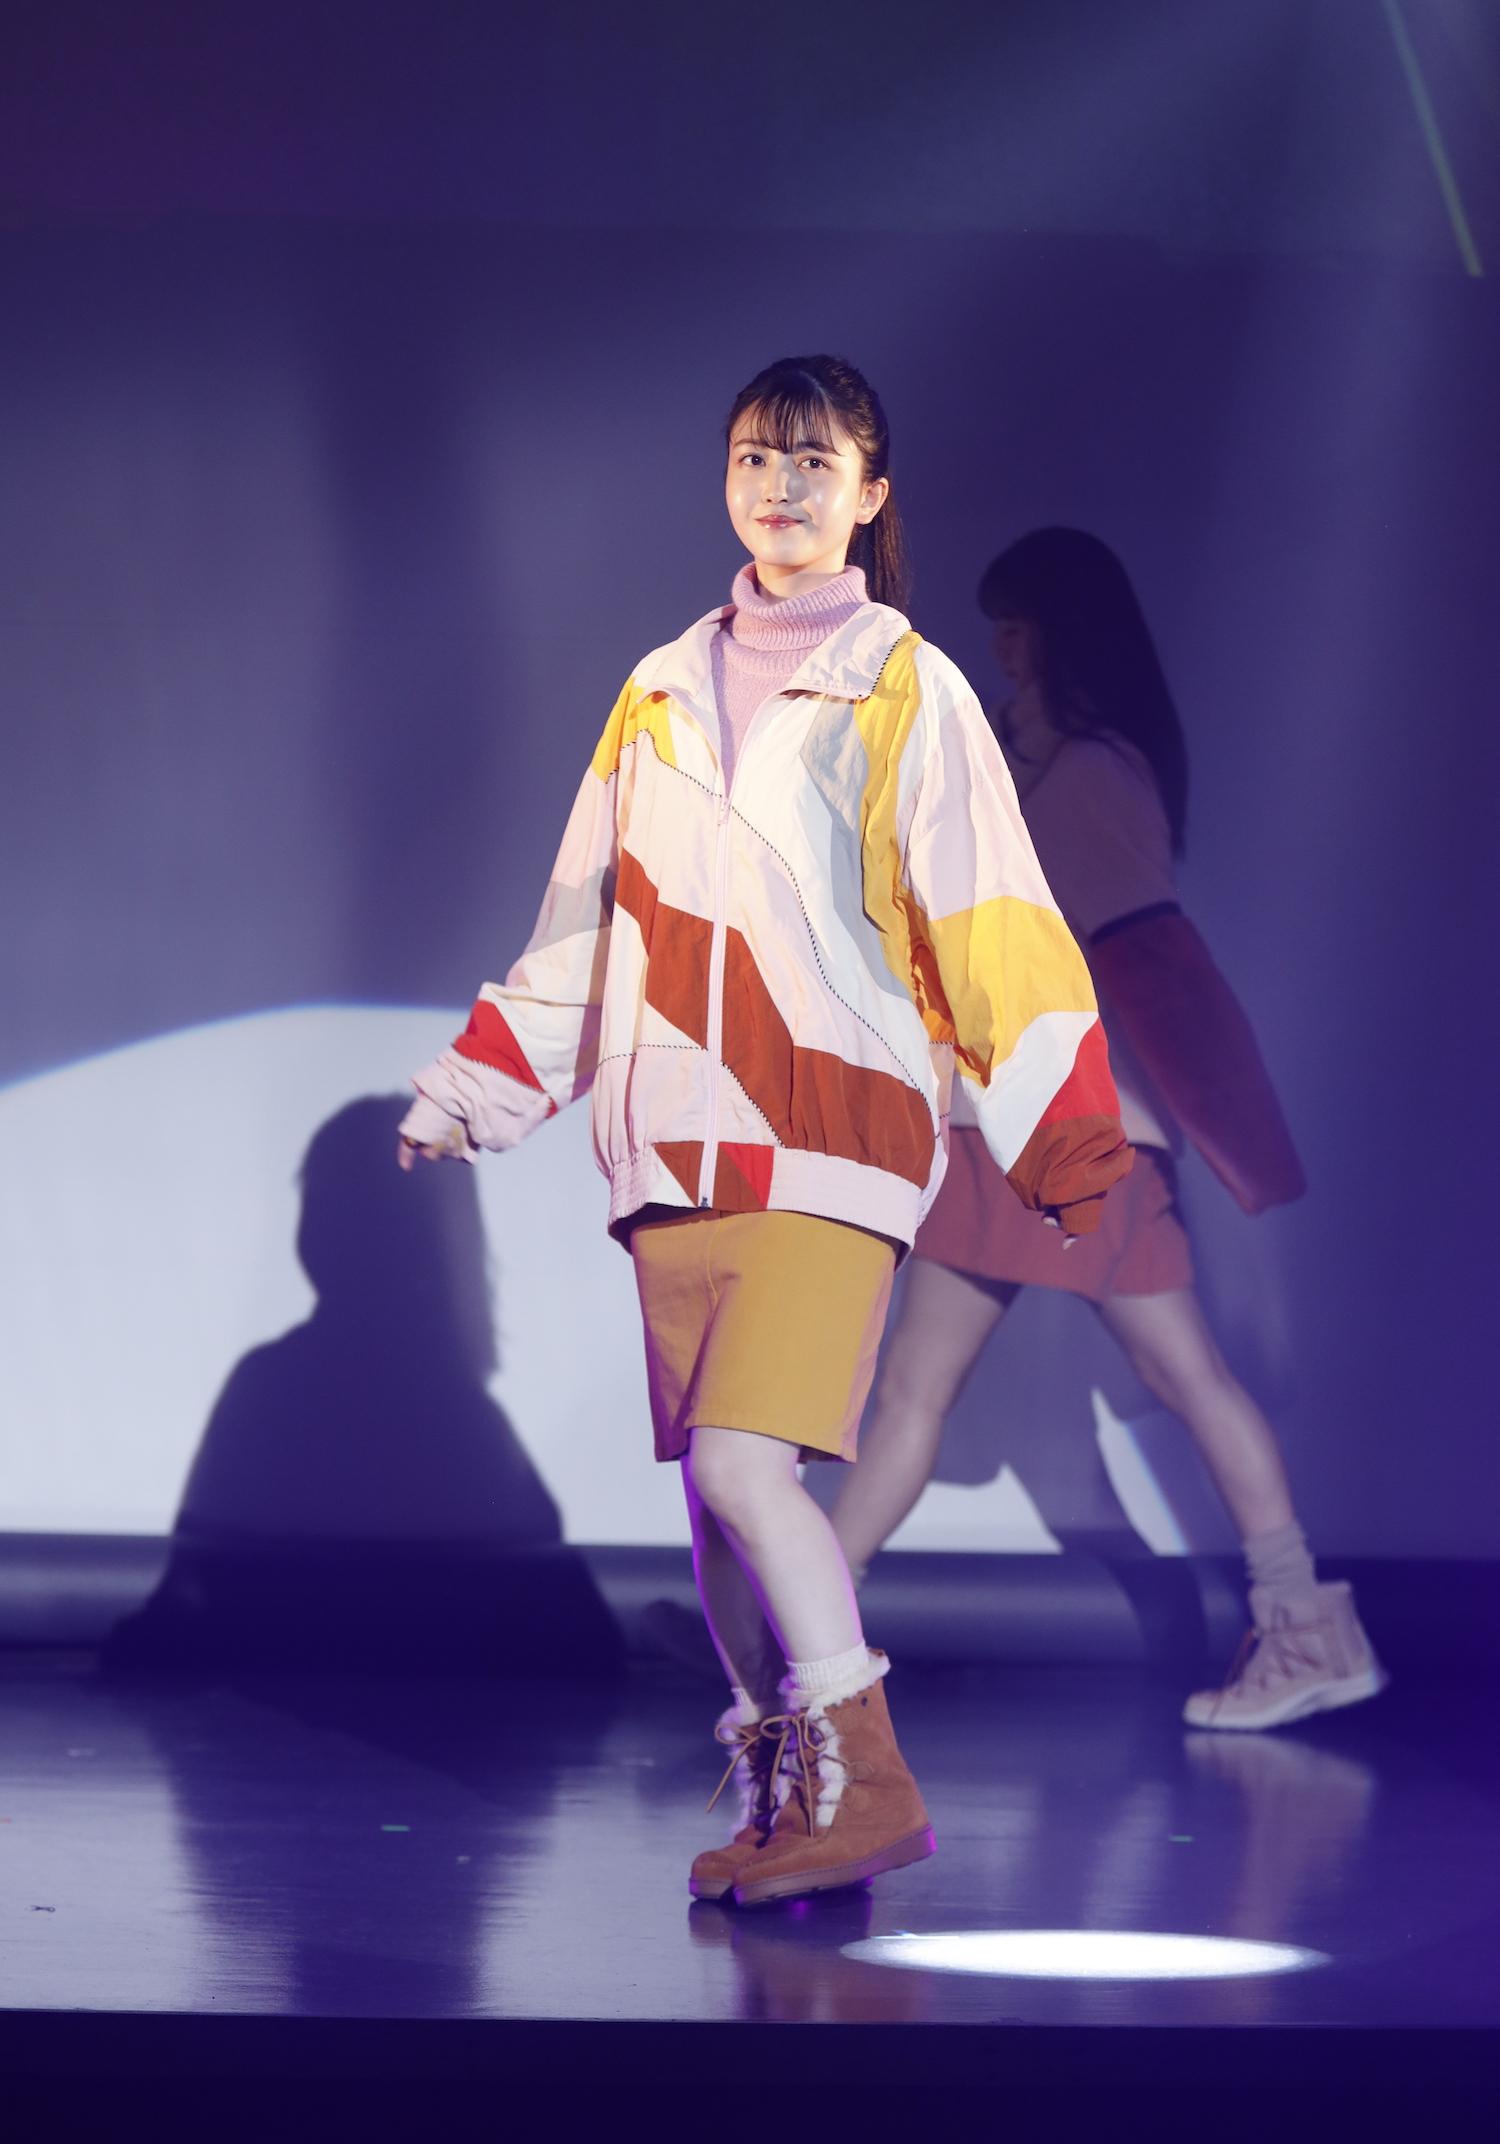 久保史緒⾥/【SHIBUYA SCRAMBLE FESTIVAL 2020 Produced by anan】